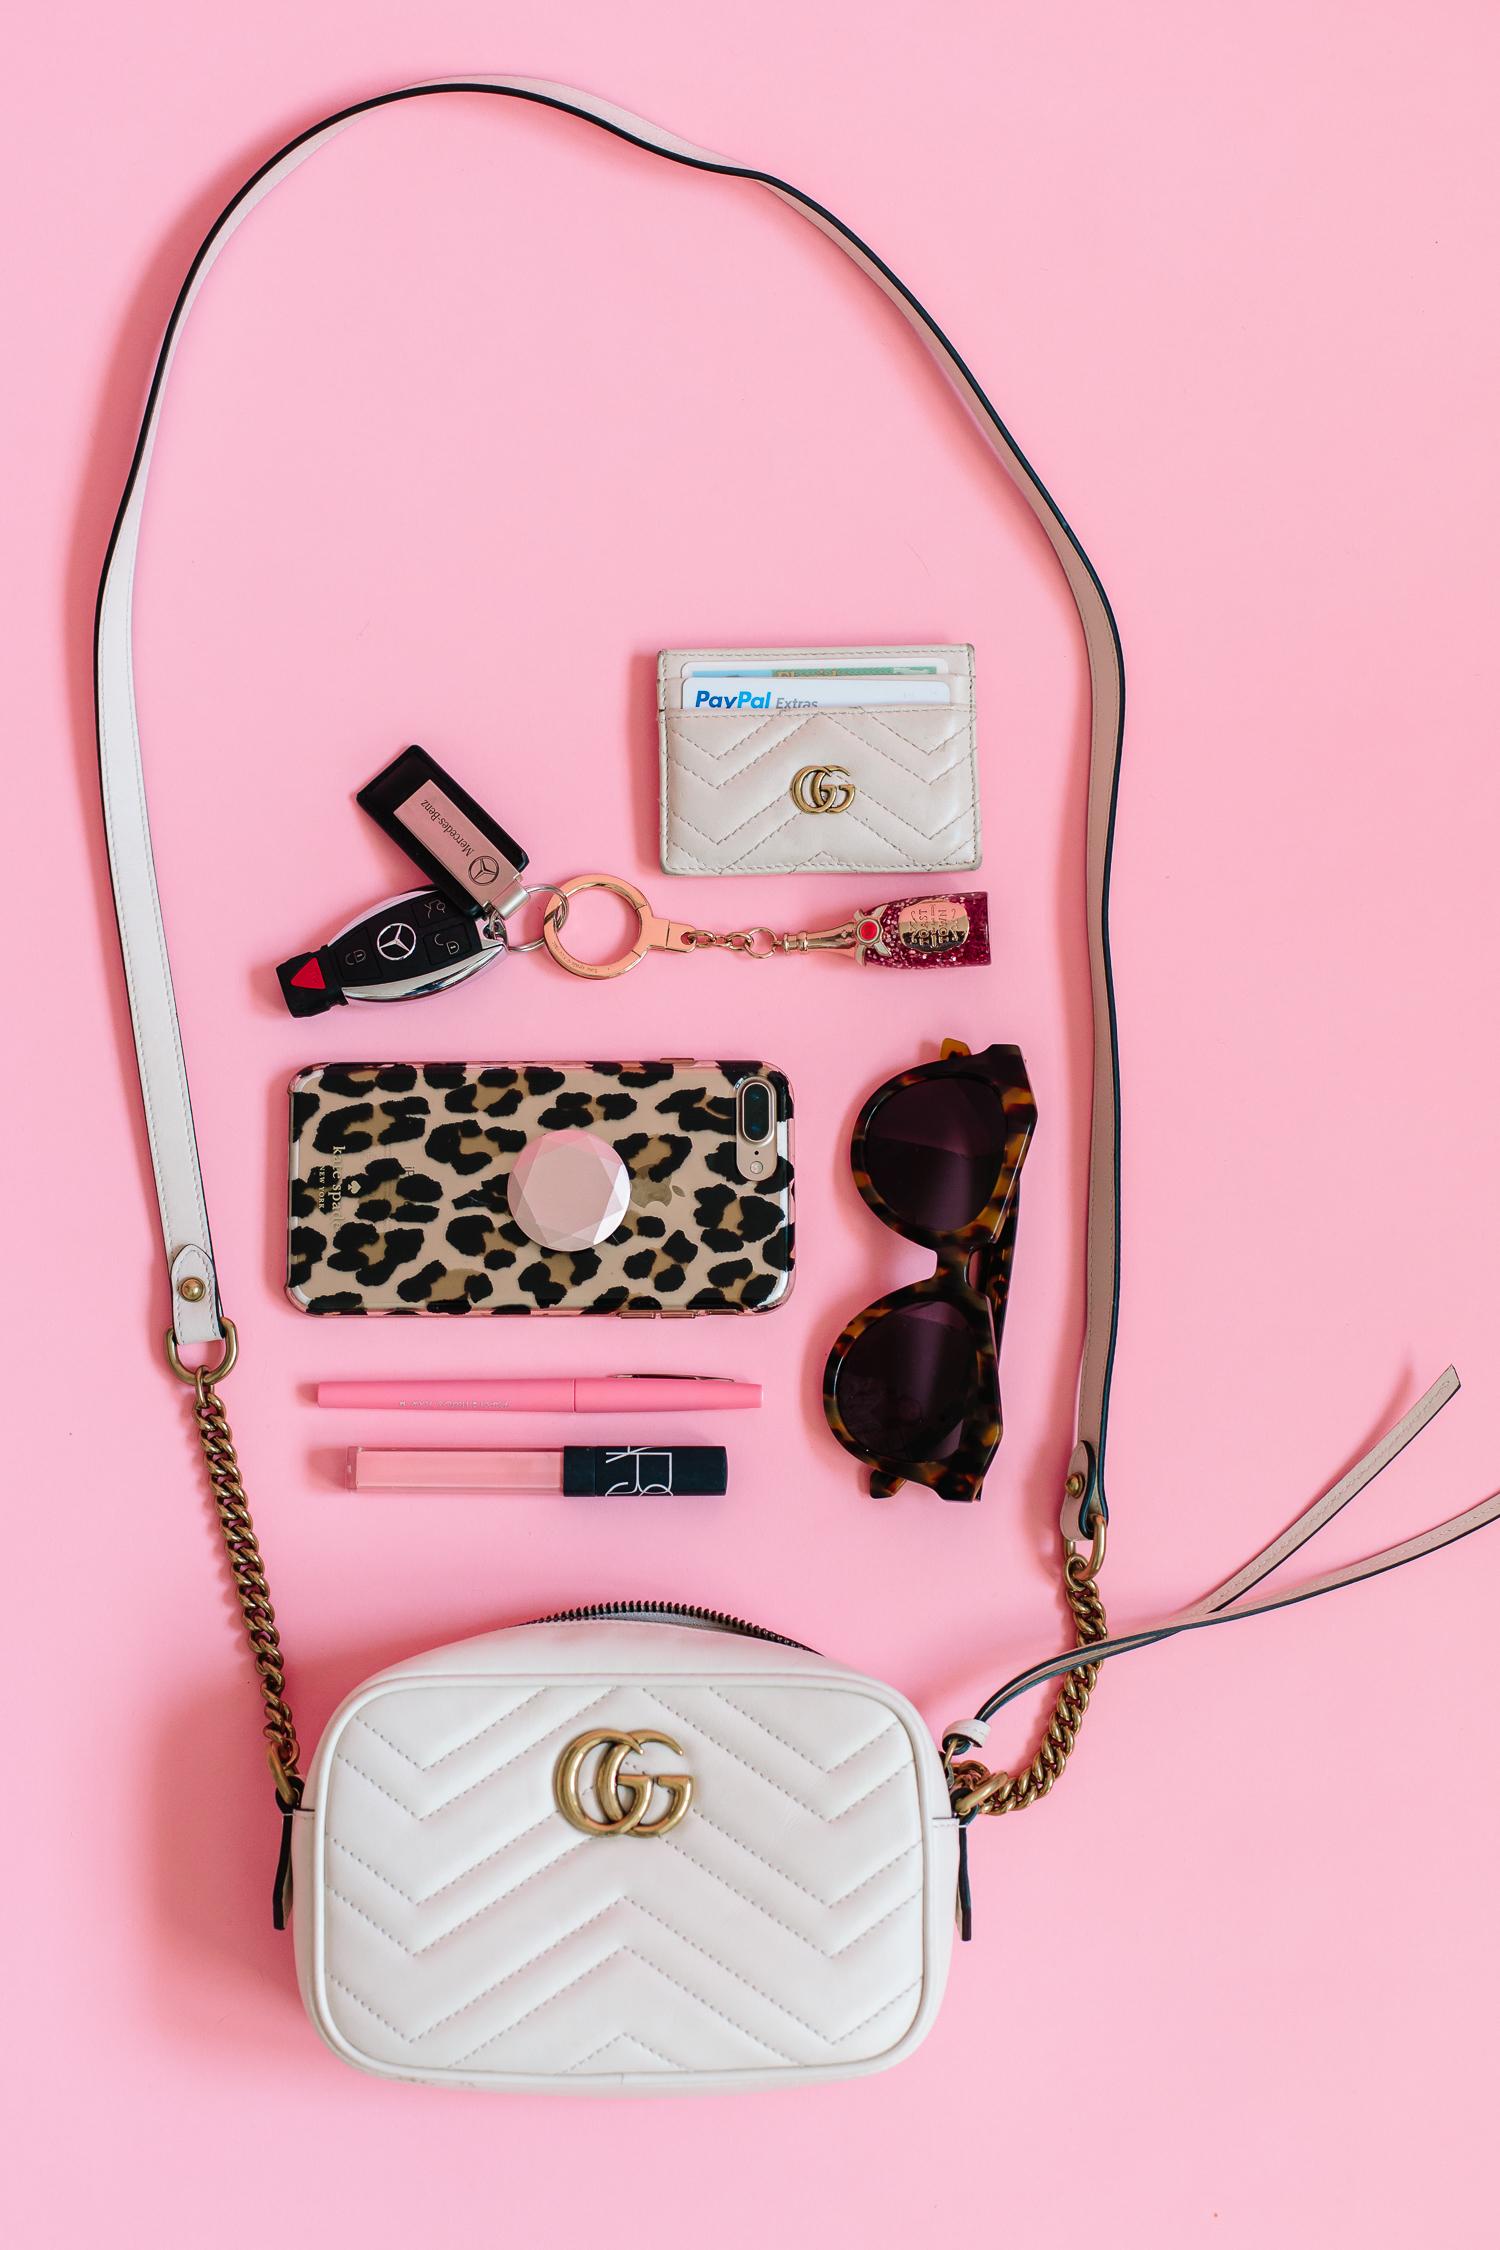 Marmont Mini matelassé leather crossbody bag, gucci handbag review, gucci handbag